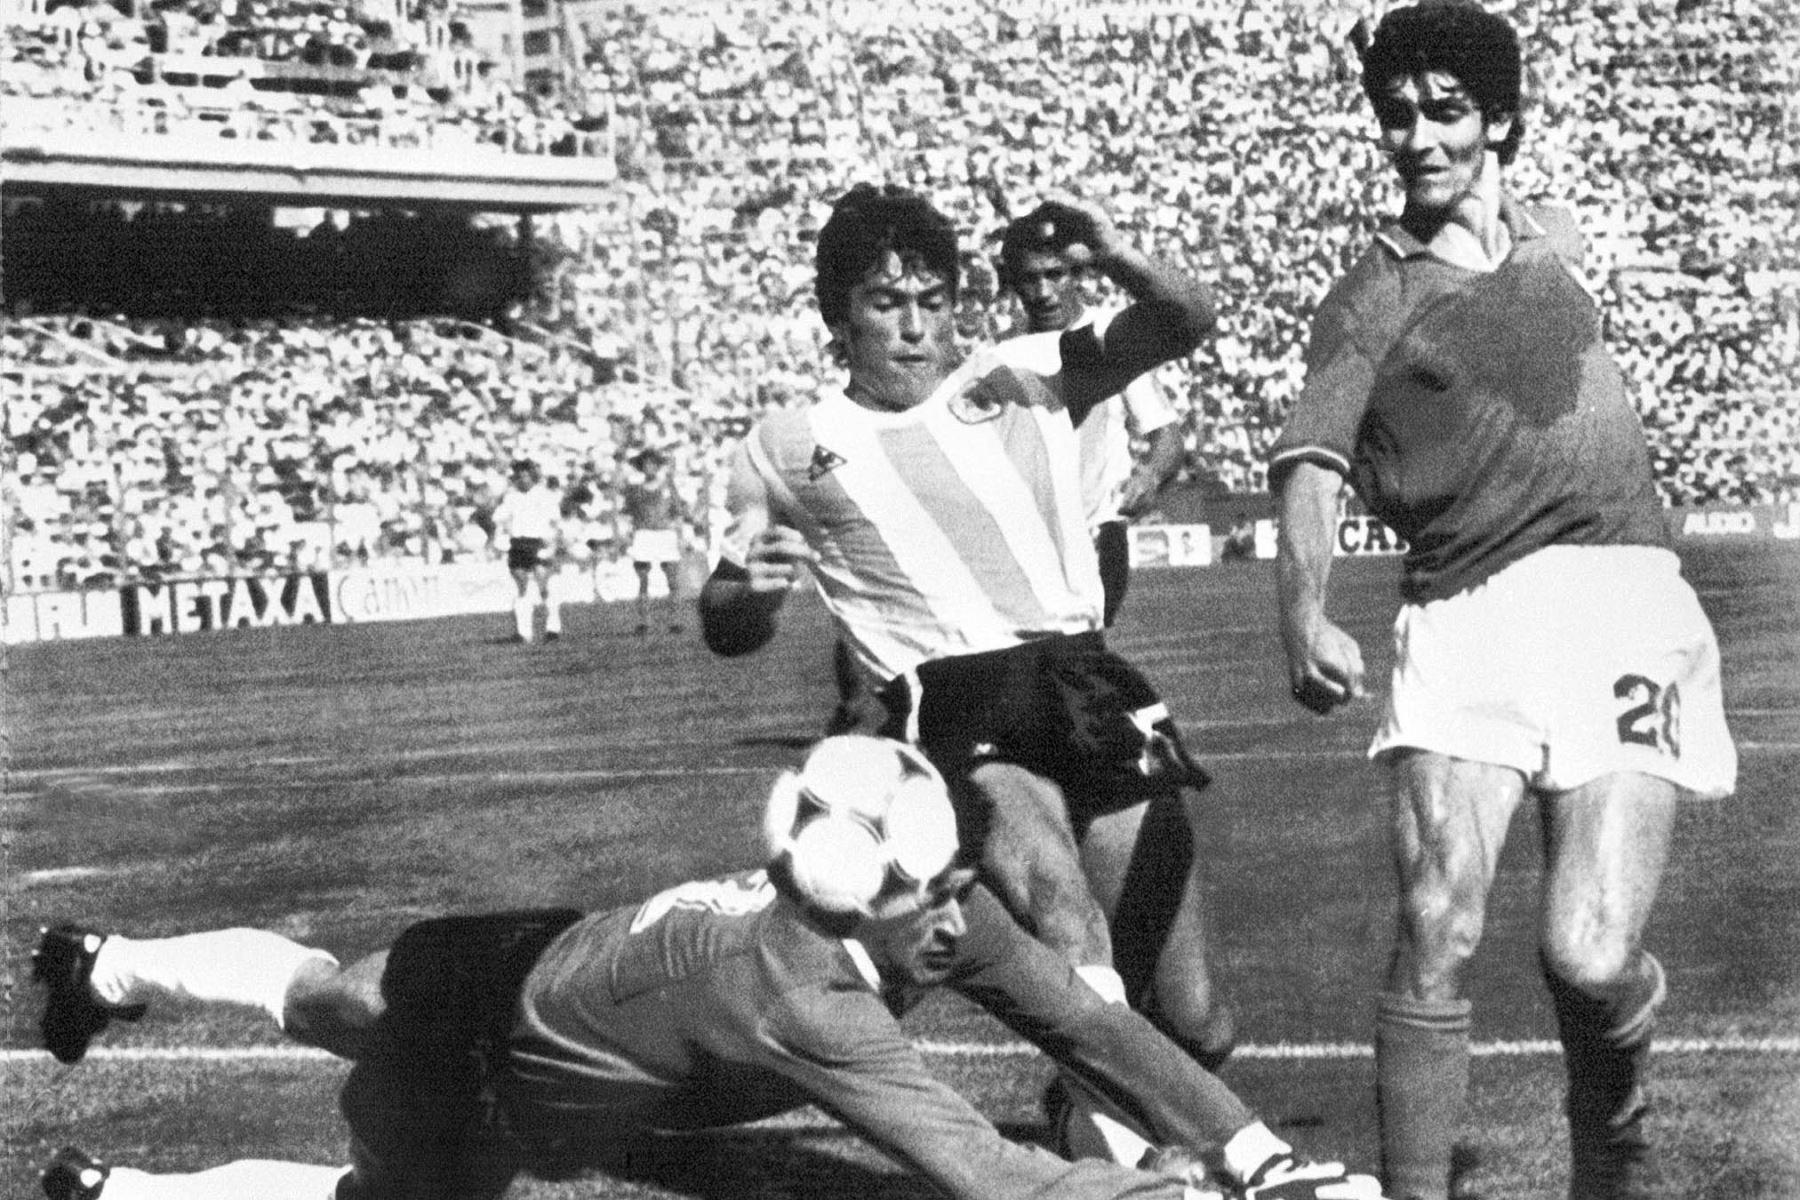 En esta foto de archivo tomada el 29 de junio de 1982, el portero argentino Ubaldo Fillol y el capitán Daniel Passarella Impiden que el delantero italiano Paolo Rossi anotara, durante el partido de fútbol de la segunda ronda del Mundial entre Italia y Argentina en Barcelona. Paolo Rossi, un héroe del fútbol italiano que inspiró a la selección nacional a la victoria en la Copa del Mundo de 1982, murió a los 64 años. Foto: AFP